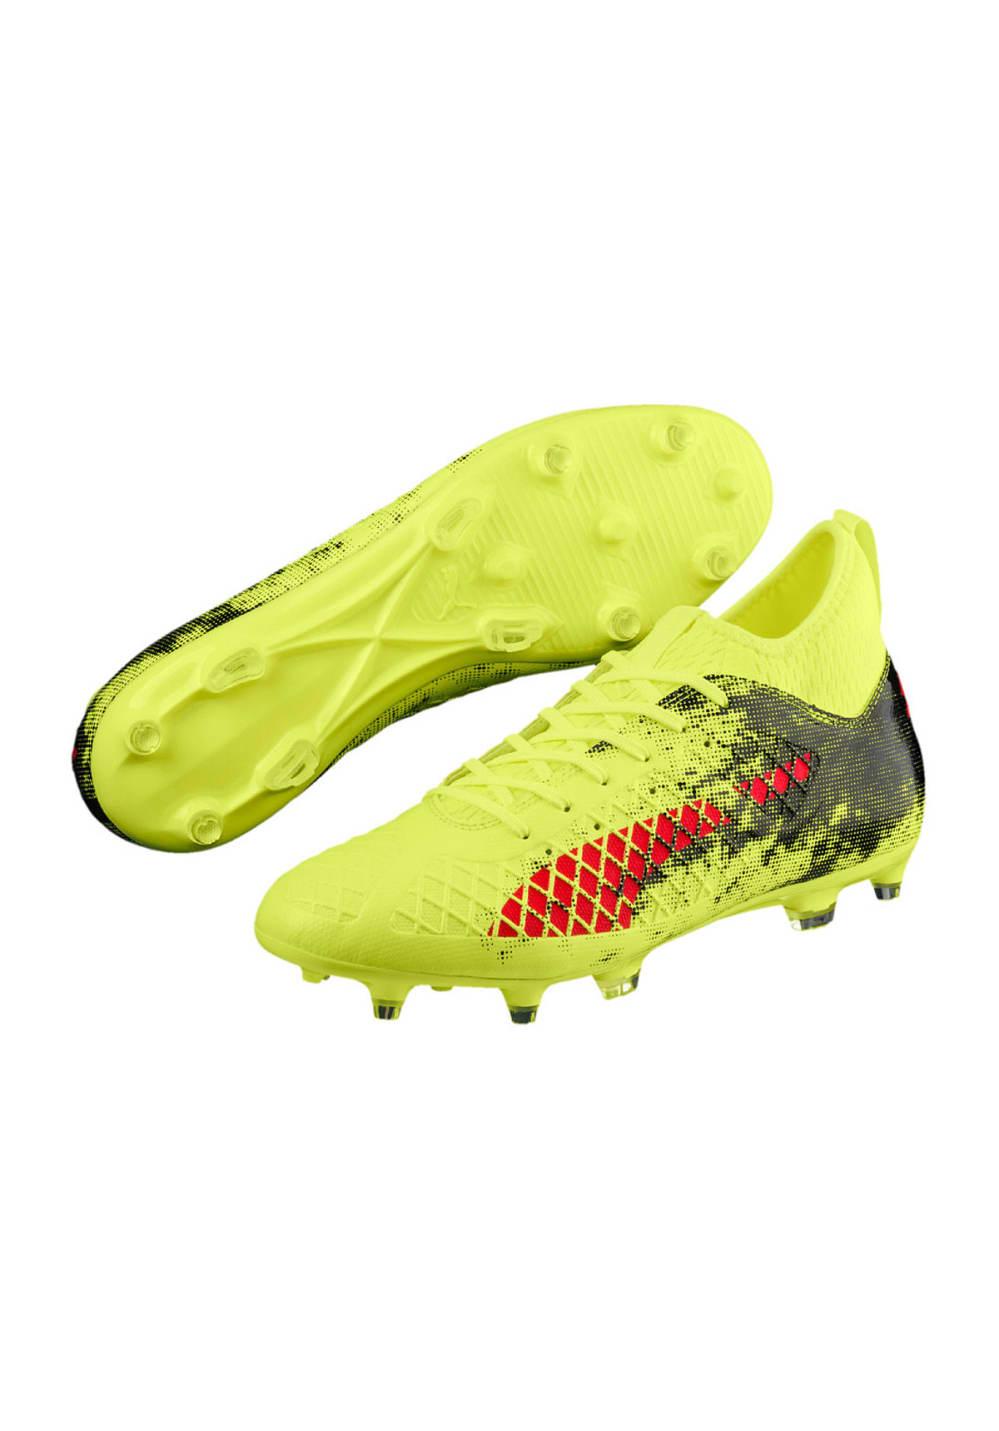 Puma FUTURE 18.3 FGAG Chaussures de foot pour Homme Jaune